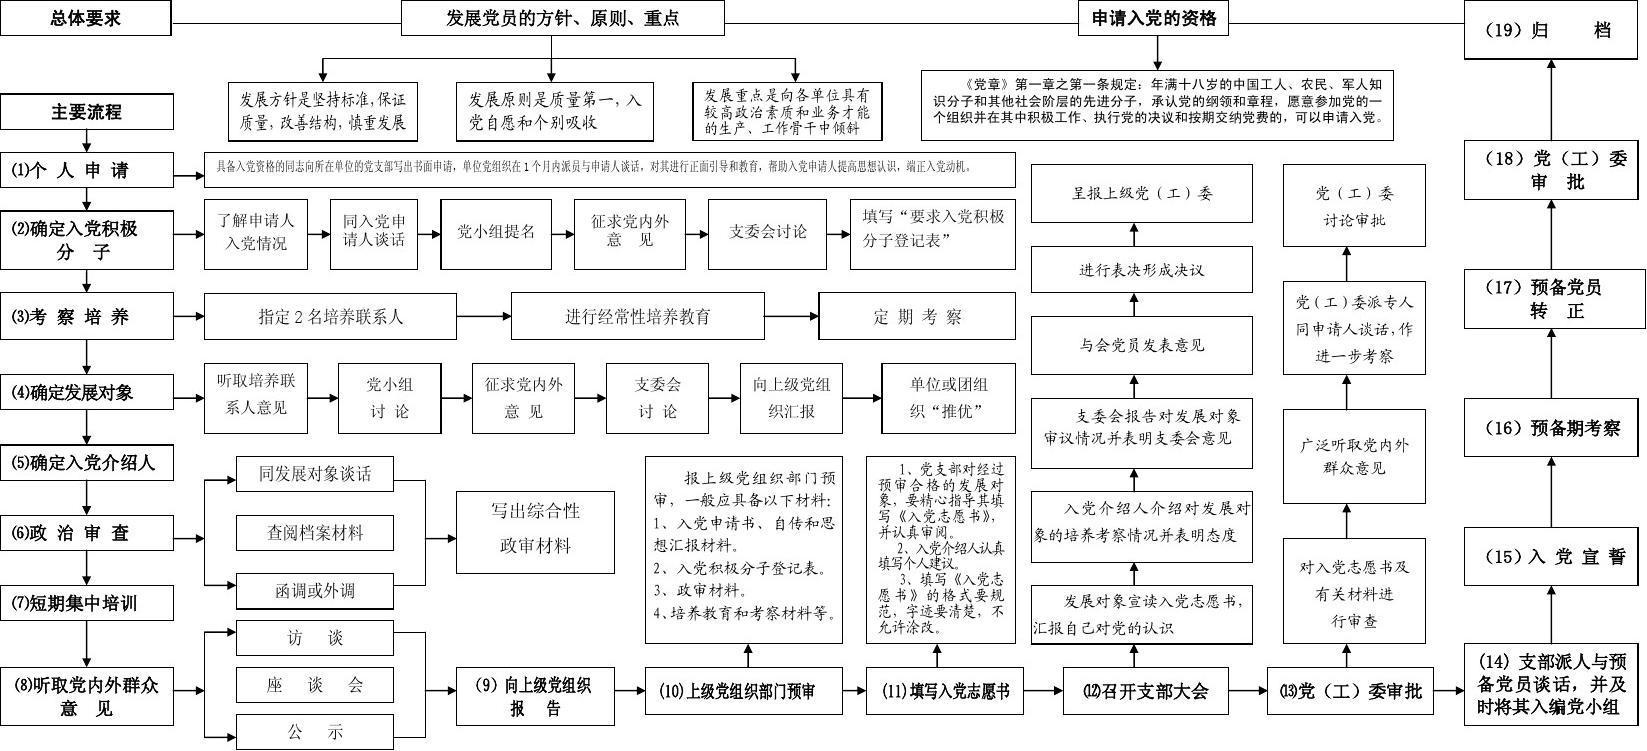 当前第1页) 你可能喜欢 发展党员工作流程图 中国共产党党员发展流程